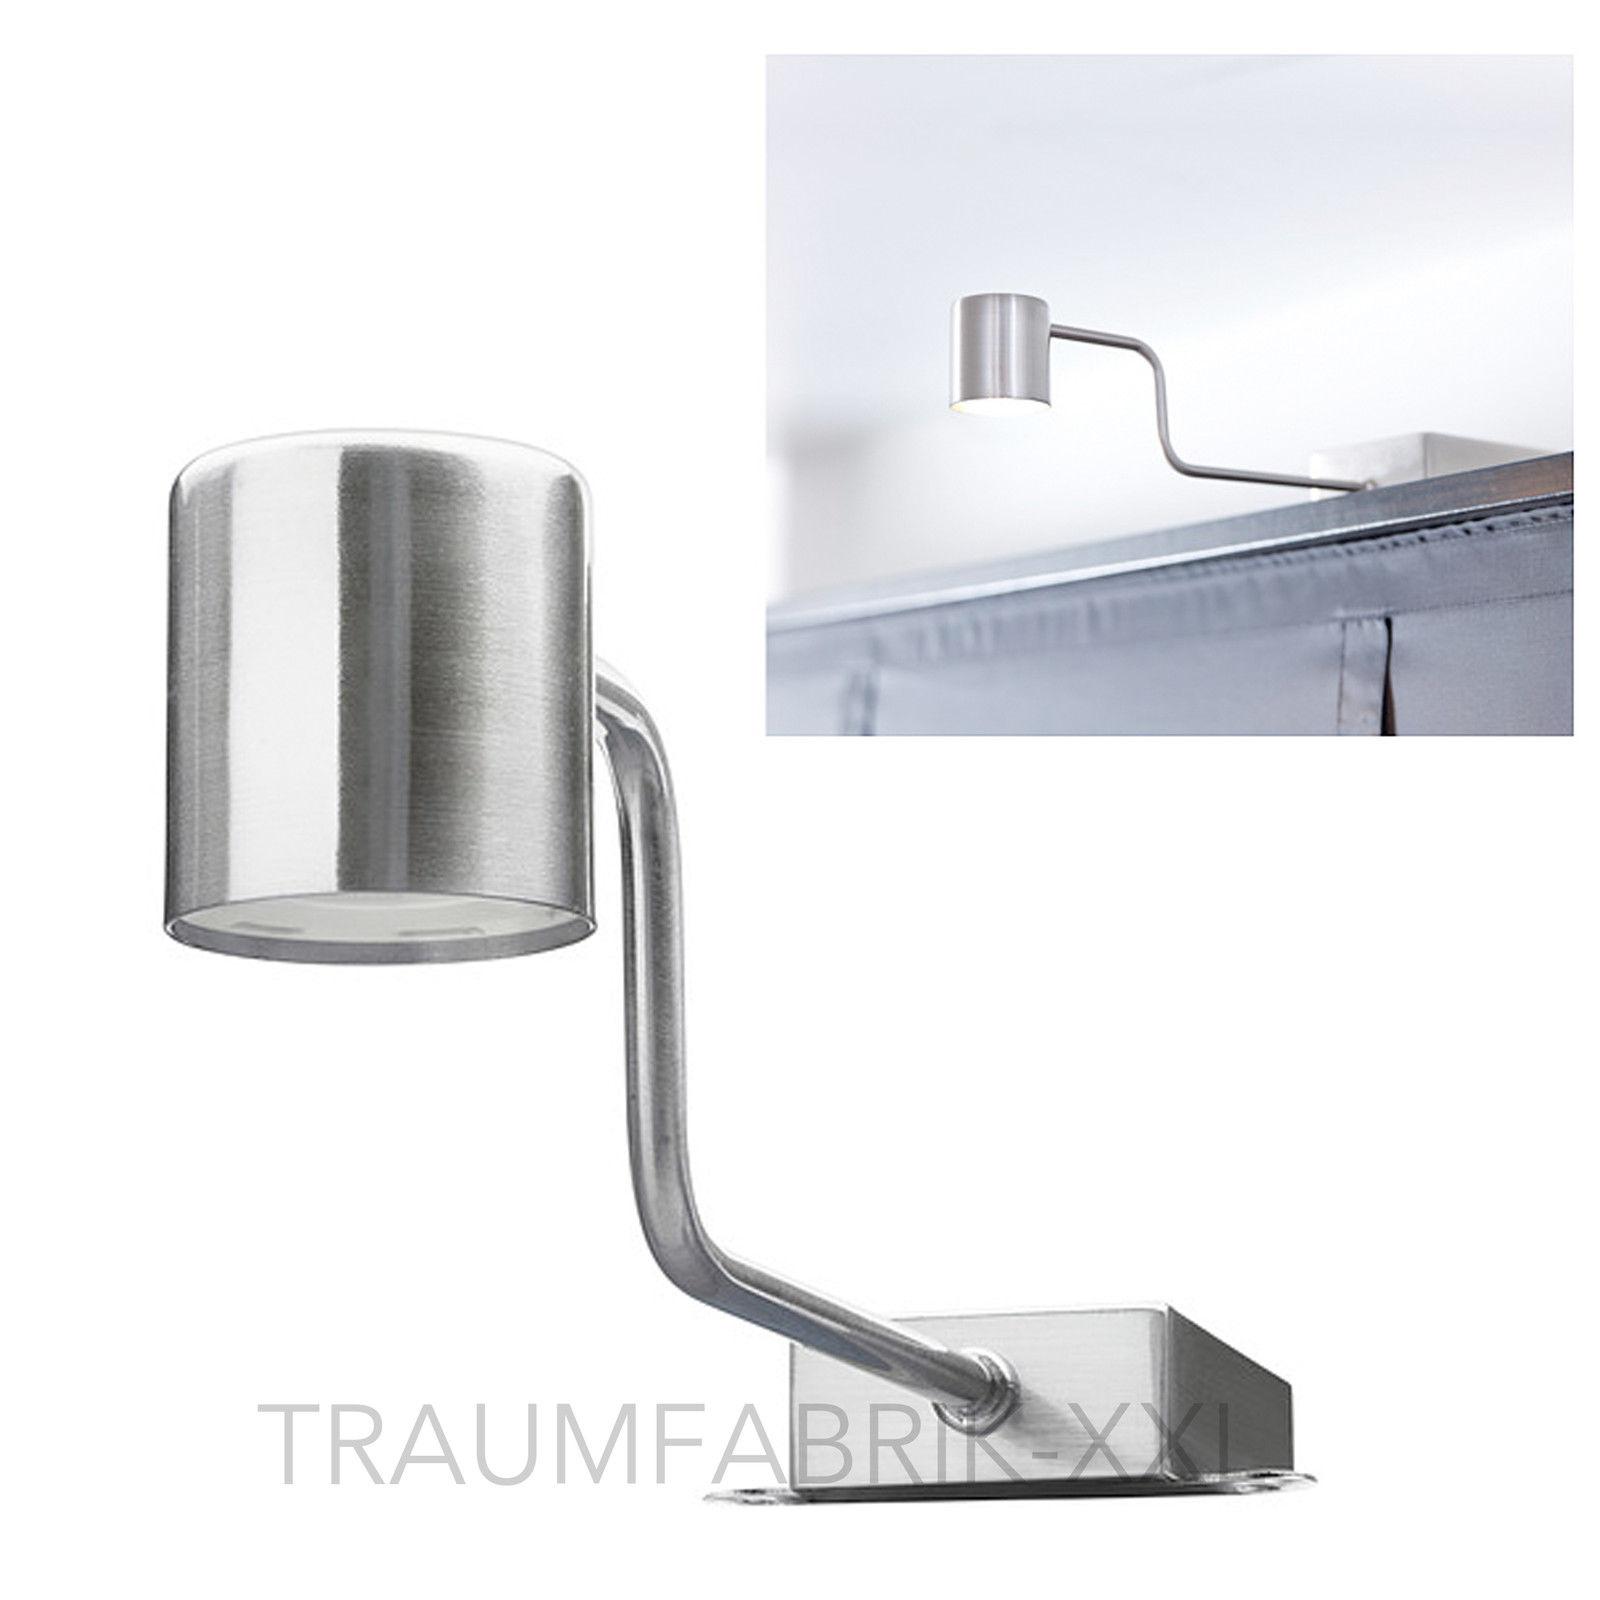 IKEA URSHULT LED Schrankbeleuchtung Silber Vitrinenbeleuchtung Spot Lampe  NEU | Traumfabrik XXL